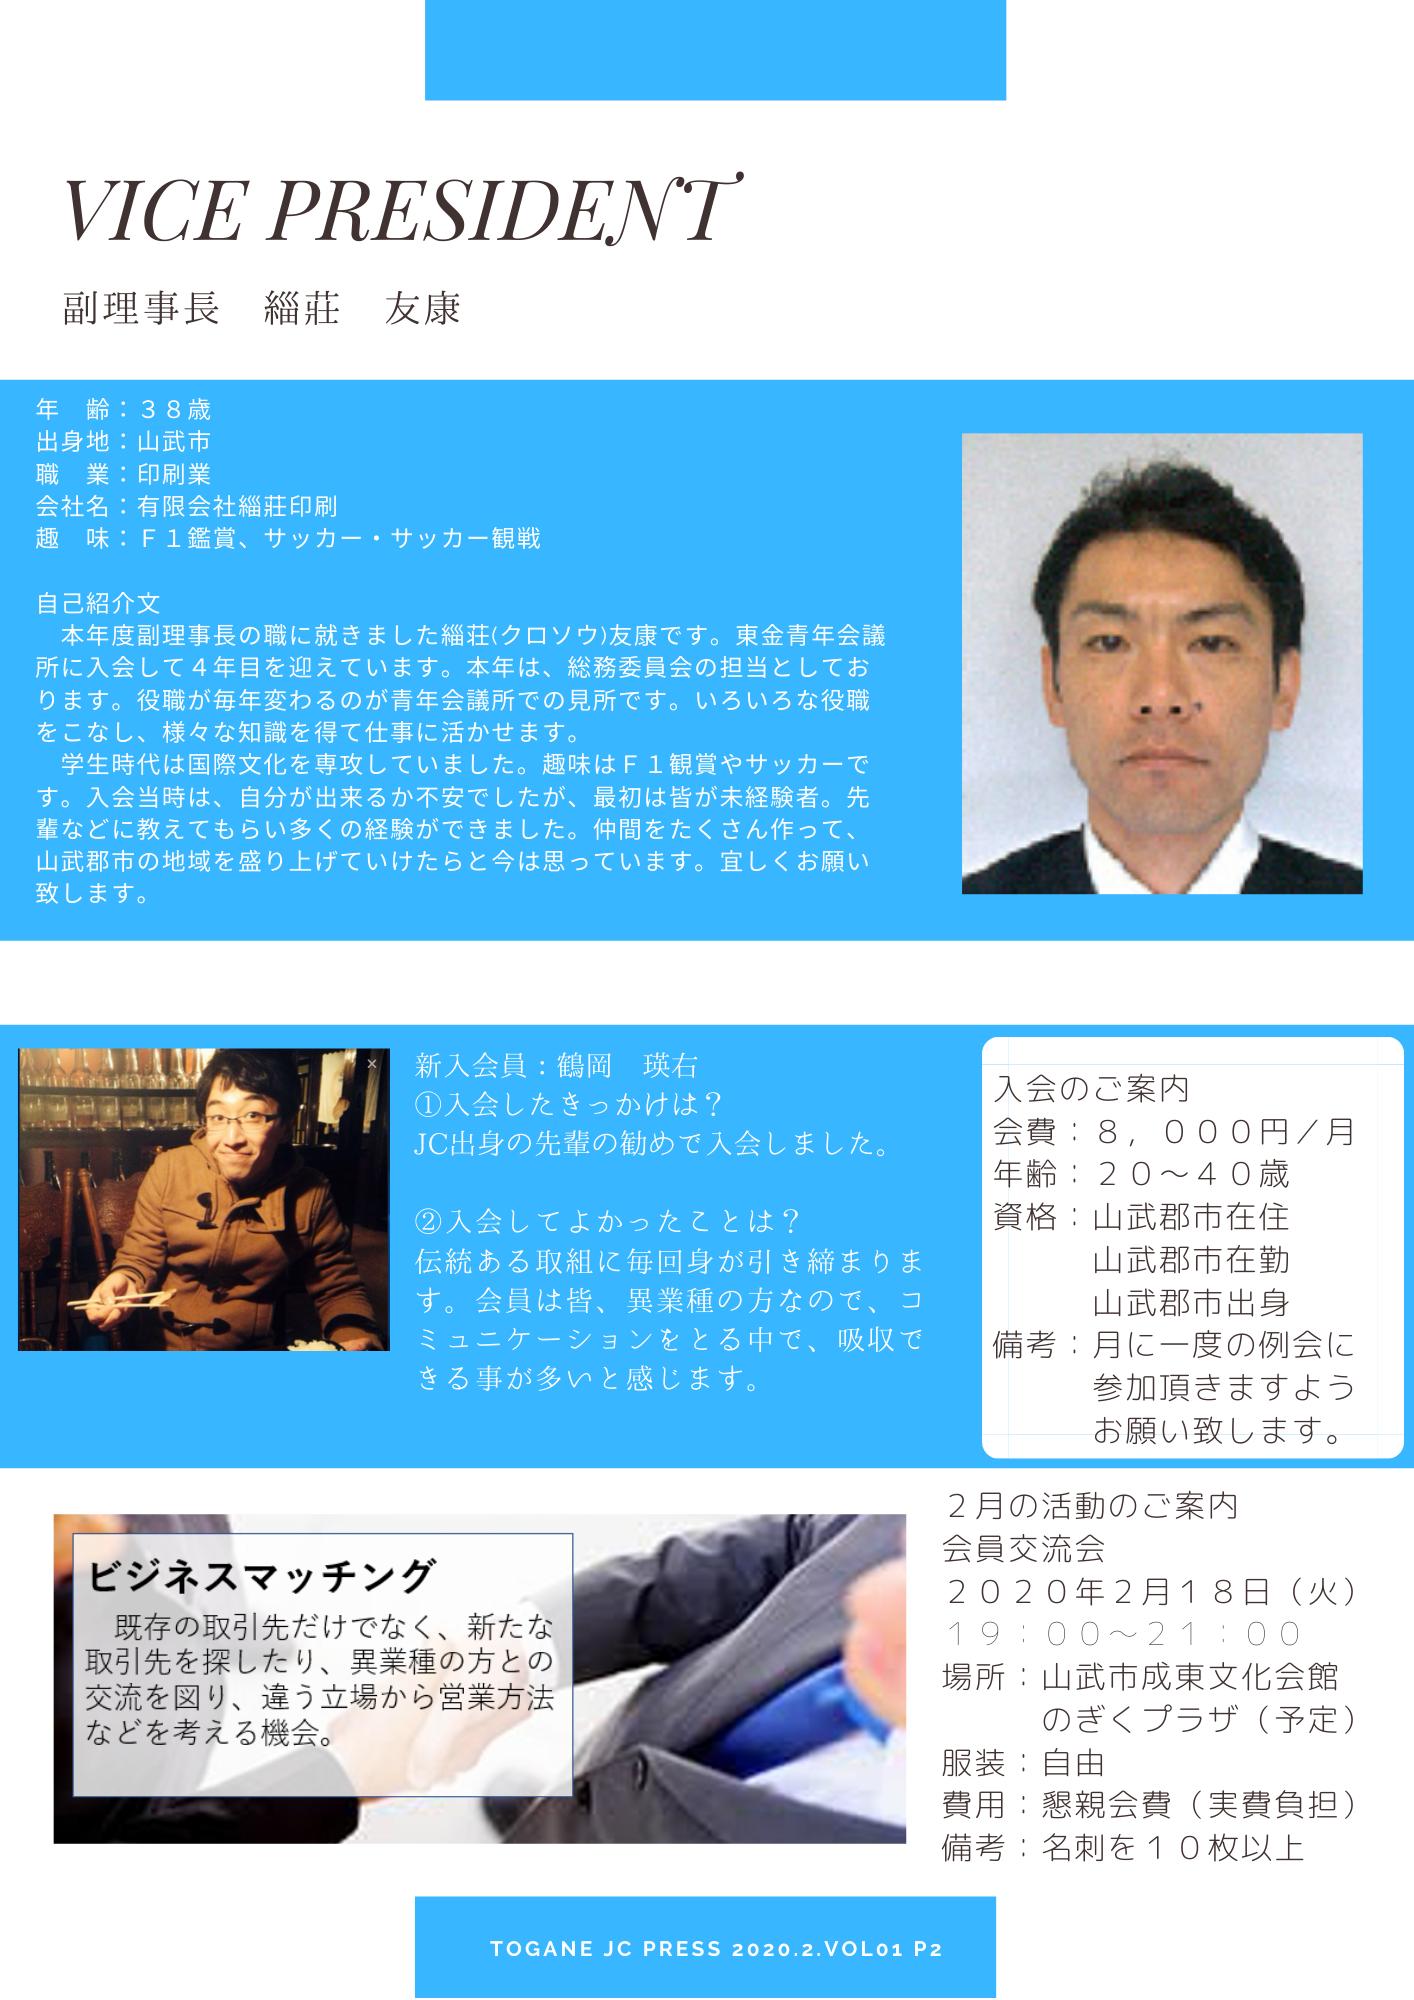 デジタル版・東金JCプレス発行のお知らせ